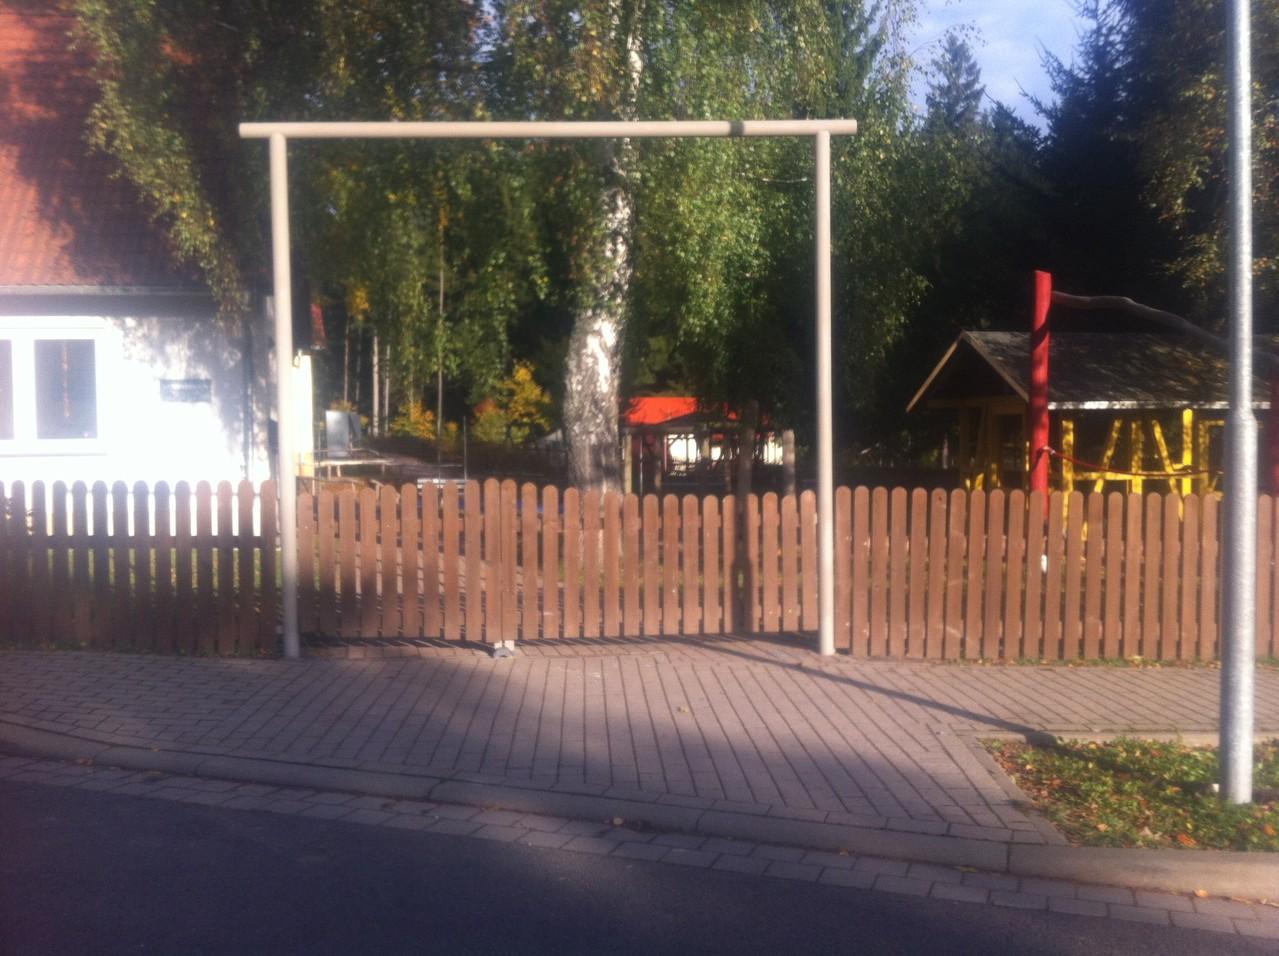 Am 31.01.2013 hört die jahrelange Kindergartenchefin Frau Weißensee auf. Frau Ludwig übernimmt ab 01.02.2013